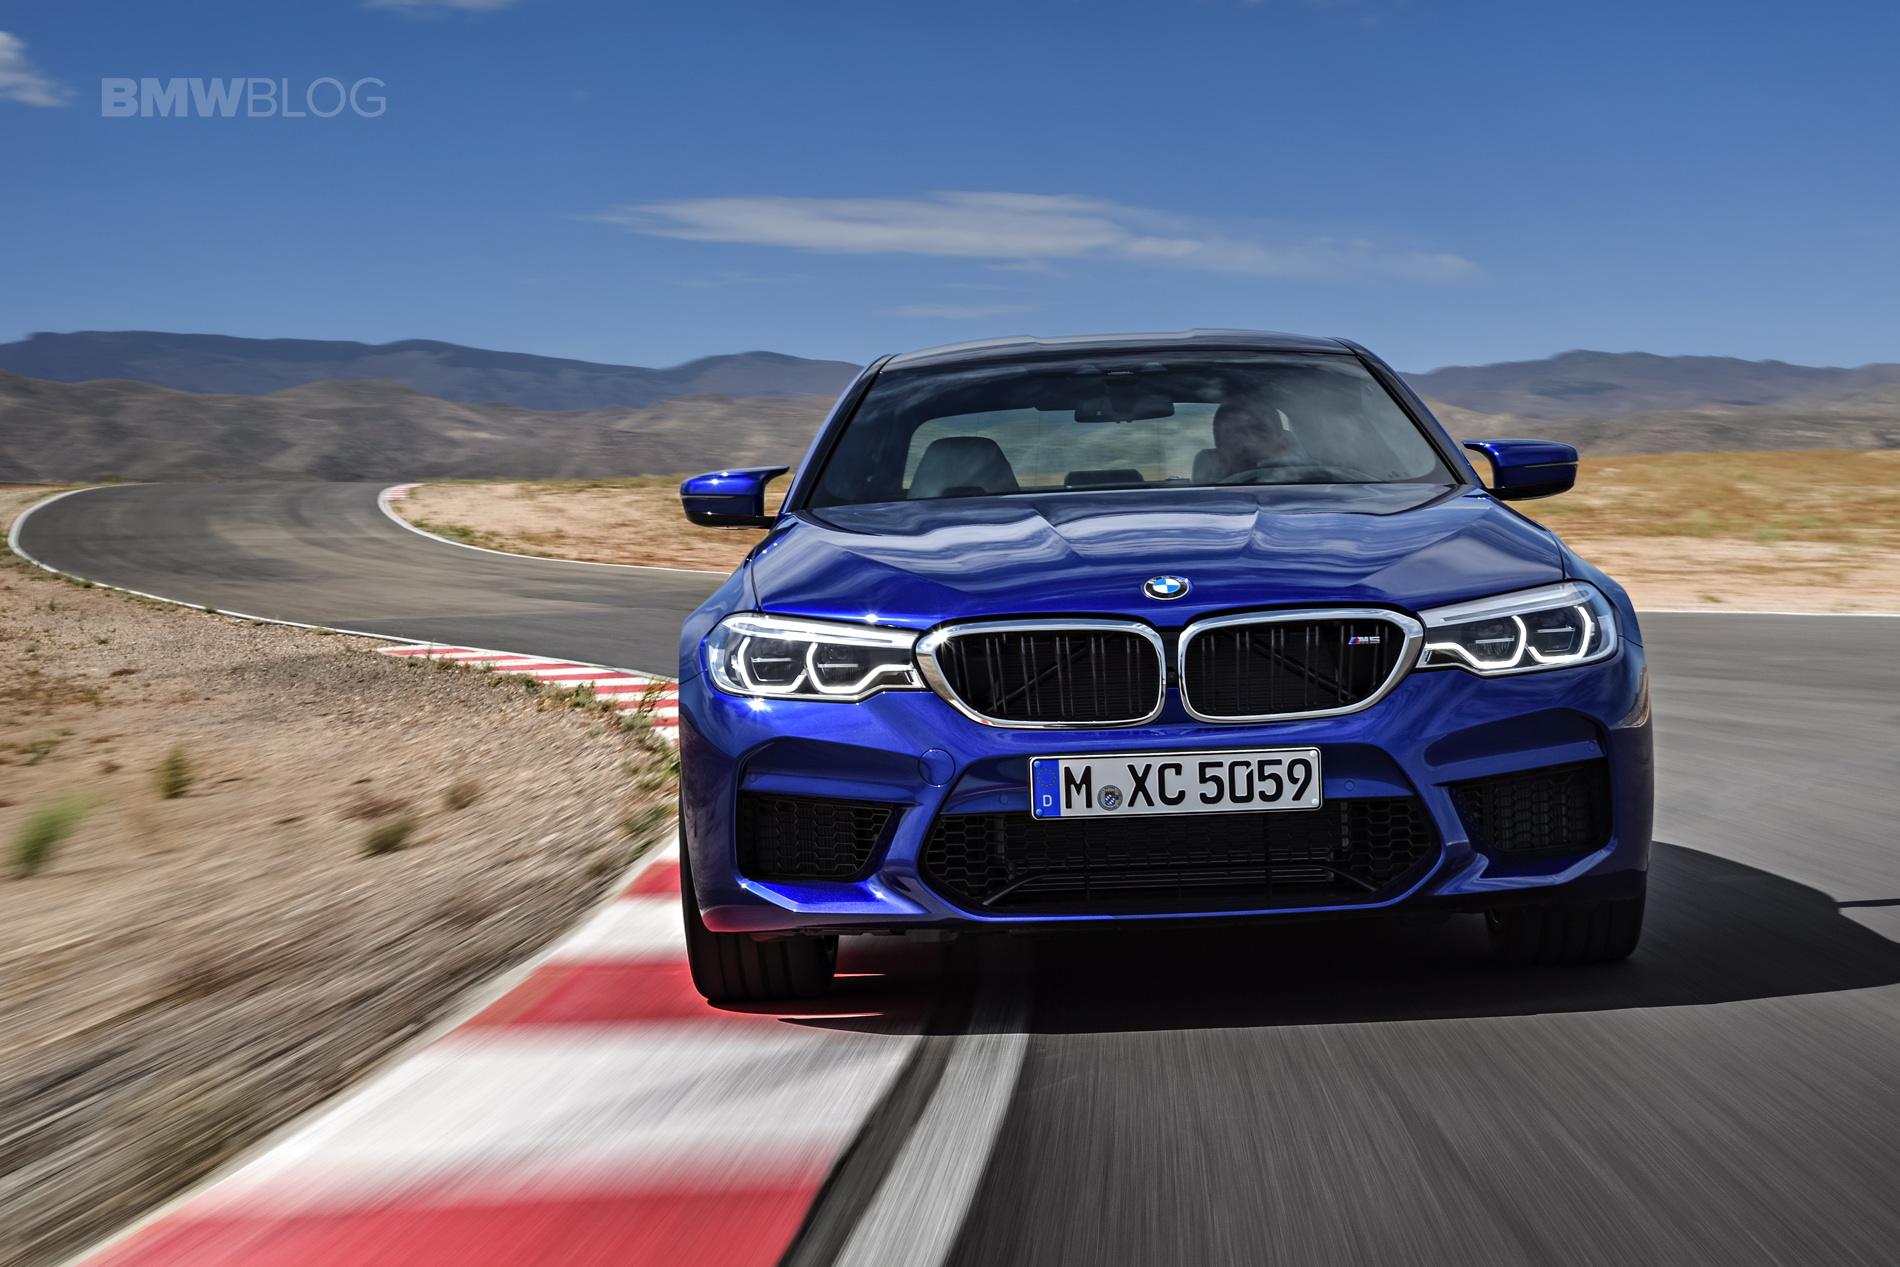 2018 BMW M5 exterior 01